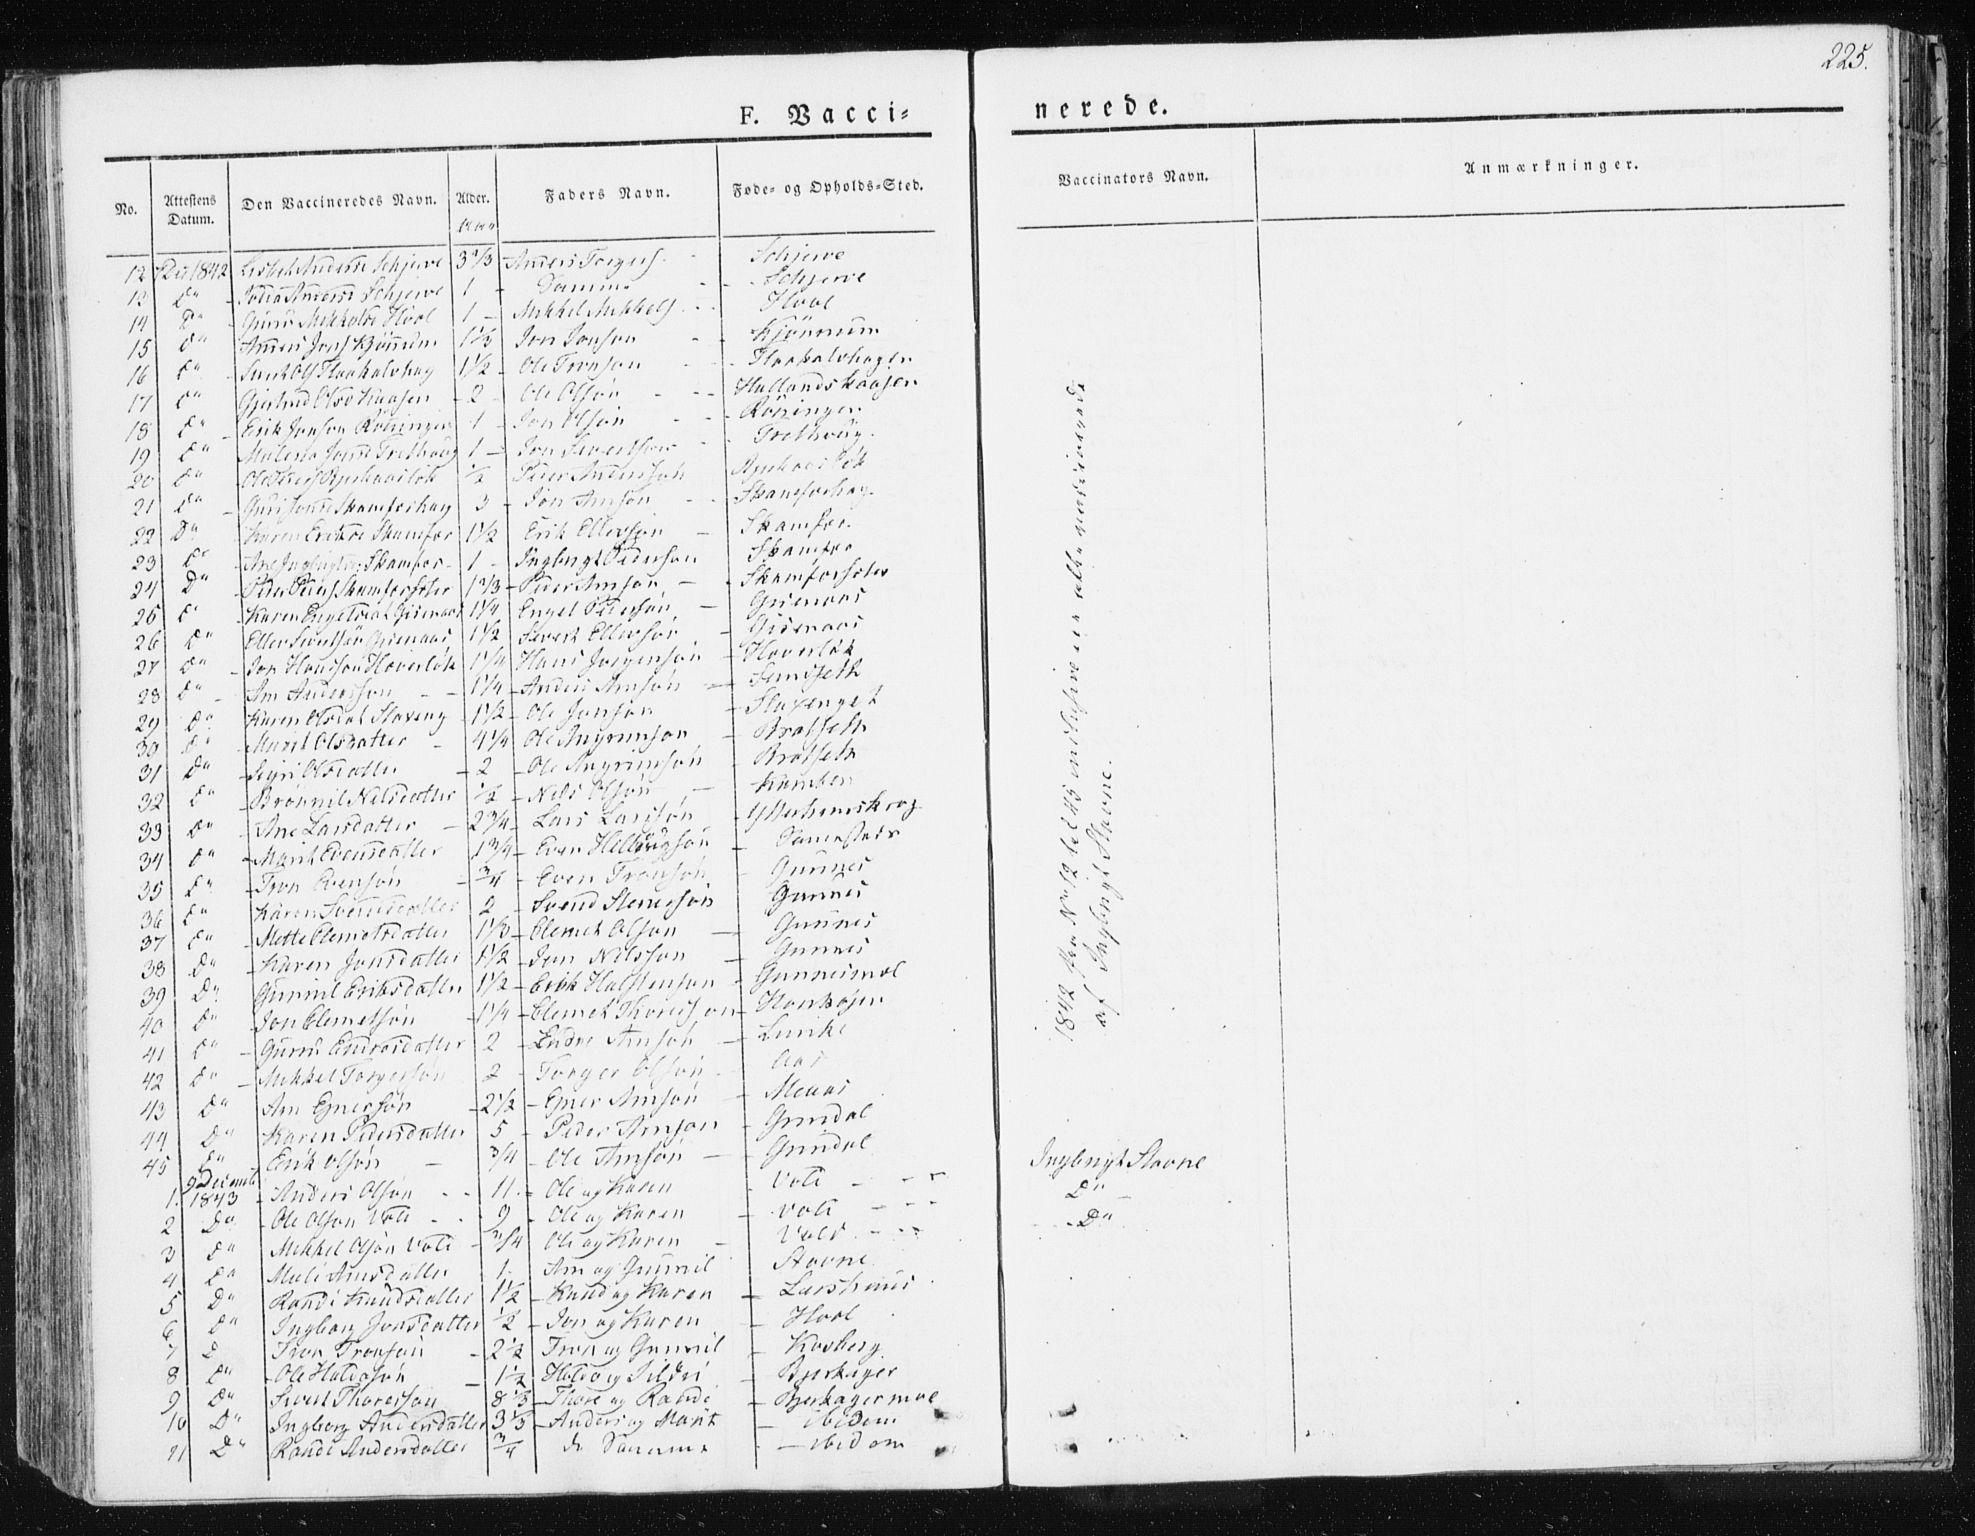 SAT, Ministerialprotokoller, klokkerbøker og fødselsregistre - Sør-Trøndelag, 674/L0869: Ministerialbok nr. 674A01, 1829-1860, s. 225